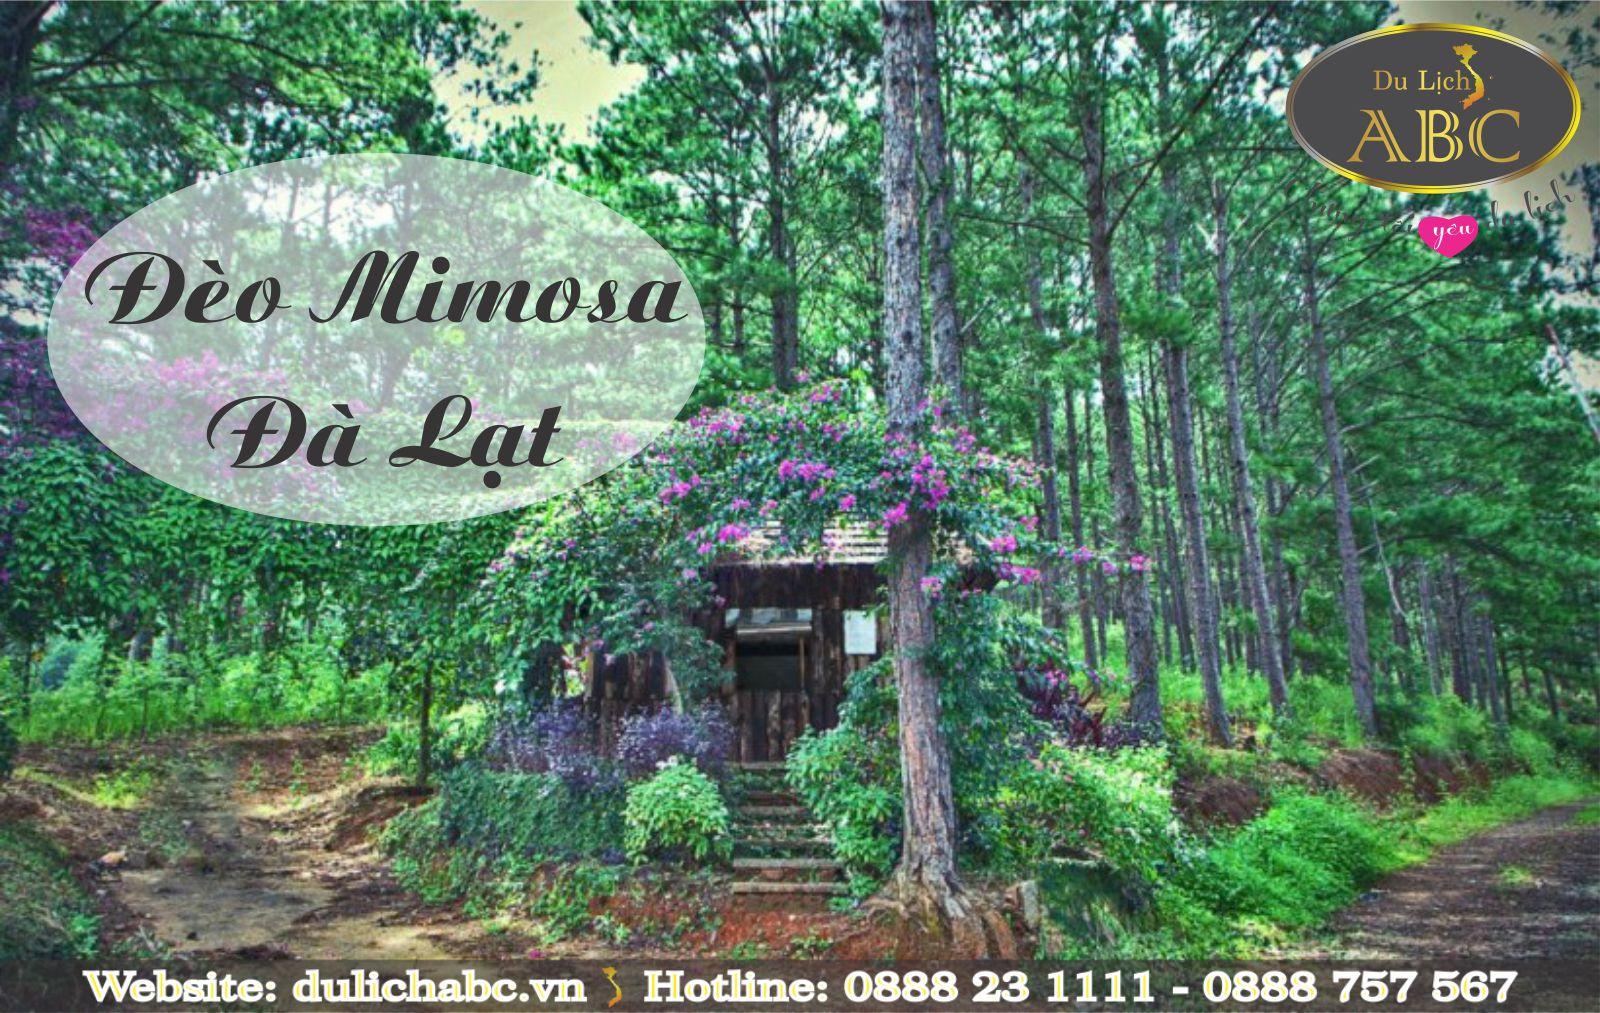 Chinh Phục Con Đèo Mang Tên Loài Hoa Mimosa ở Đà Lạt